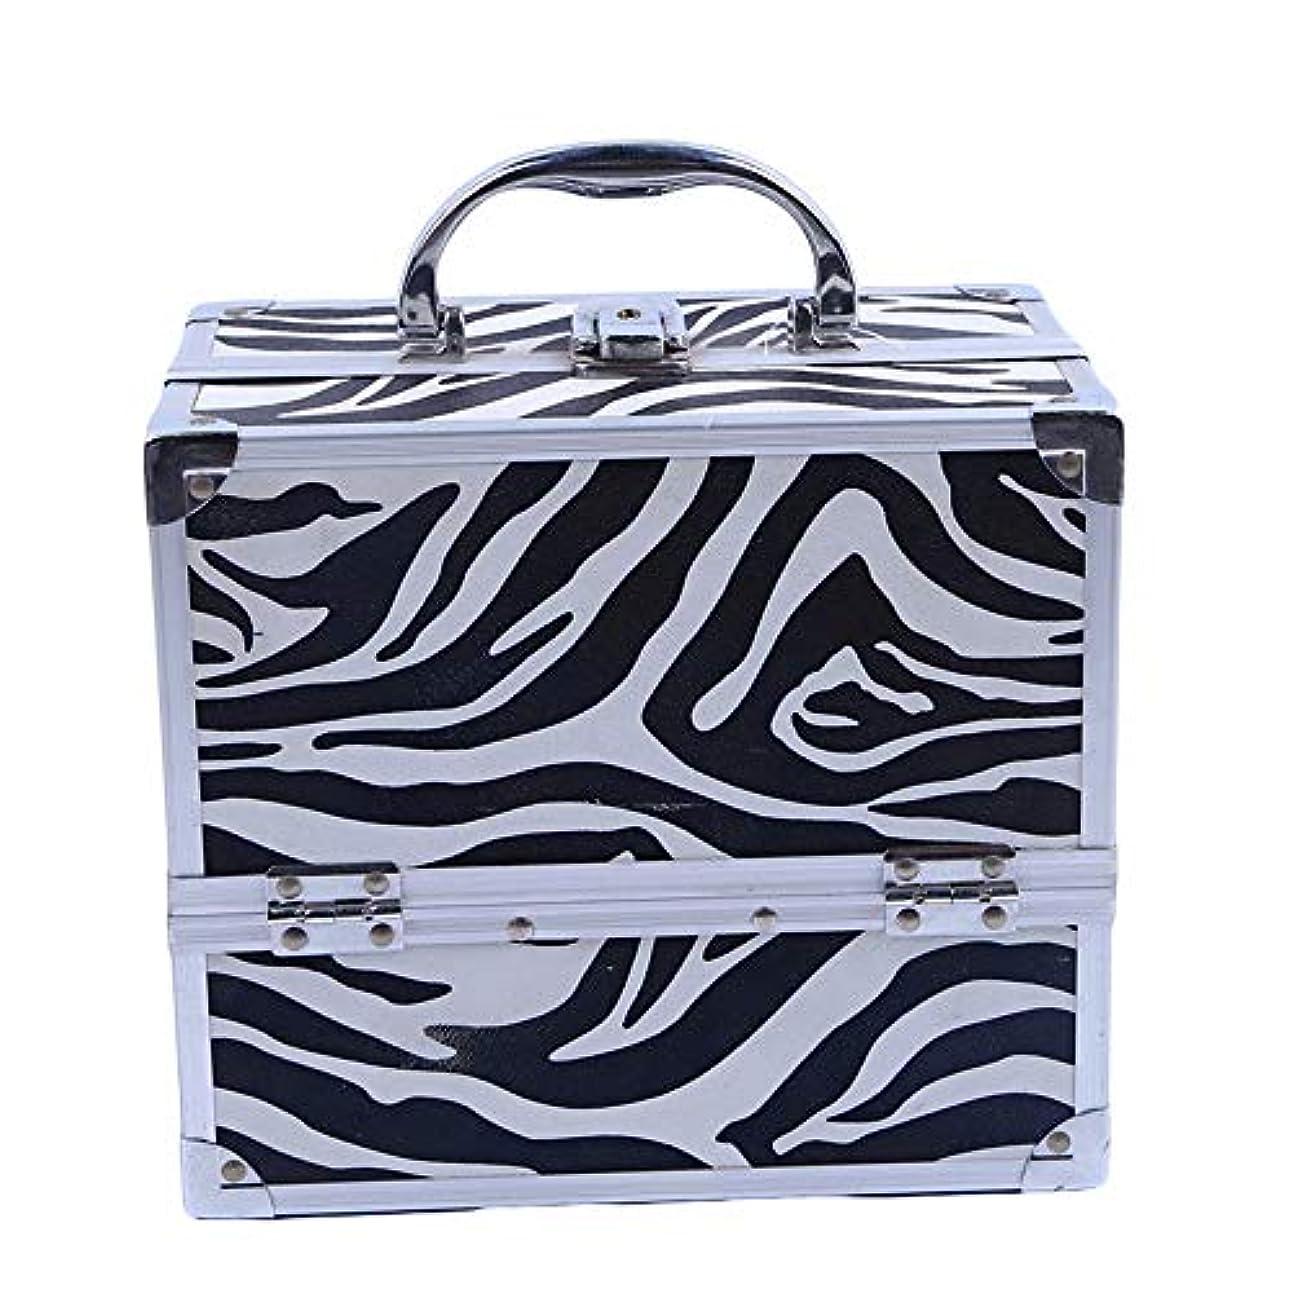 問い合わせ下着容疑者化粧オーガナイザーバッグ ゼブラストライプトラベルアクセサリーのポータブル化粧ケースシャンプーボディウォッシュパーソナルアイテムロックとトレイ付きの収納 化粧品ケース